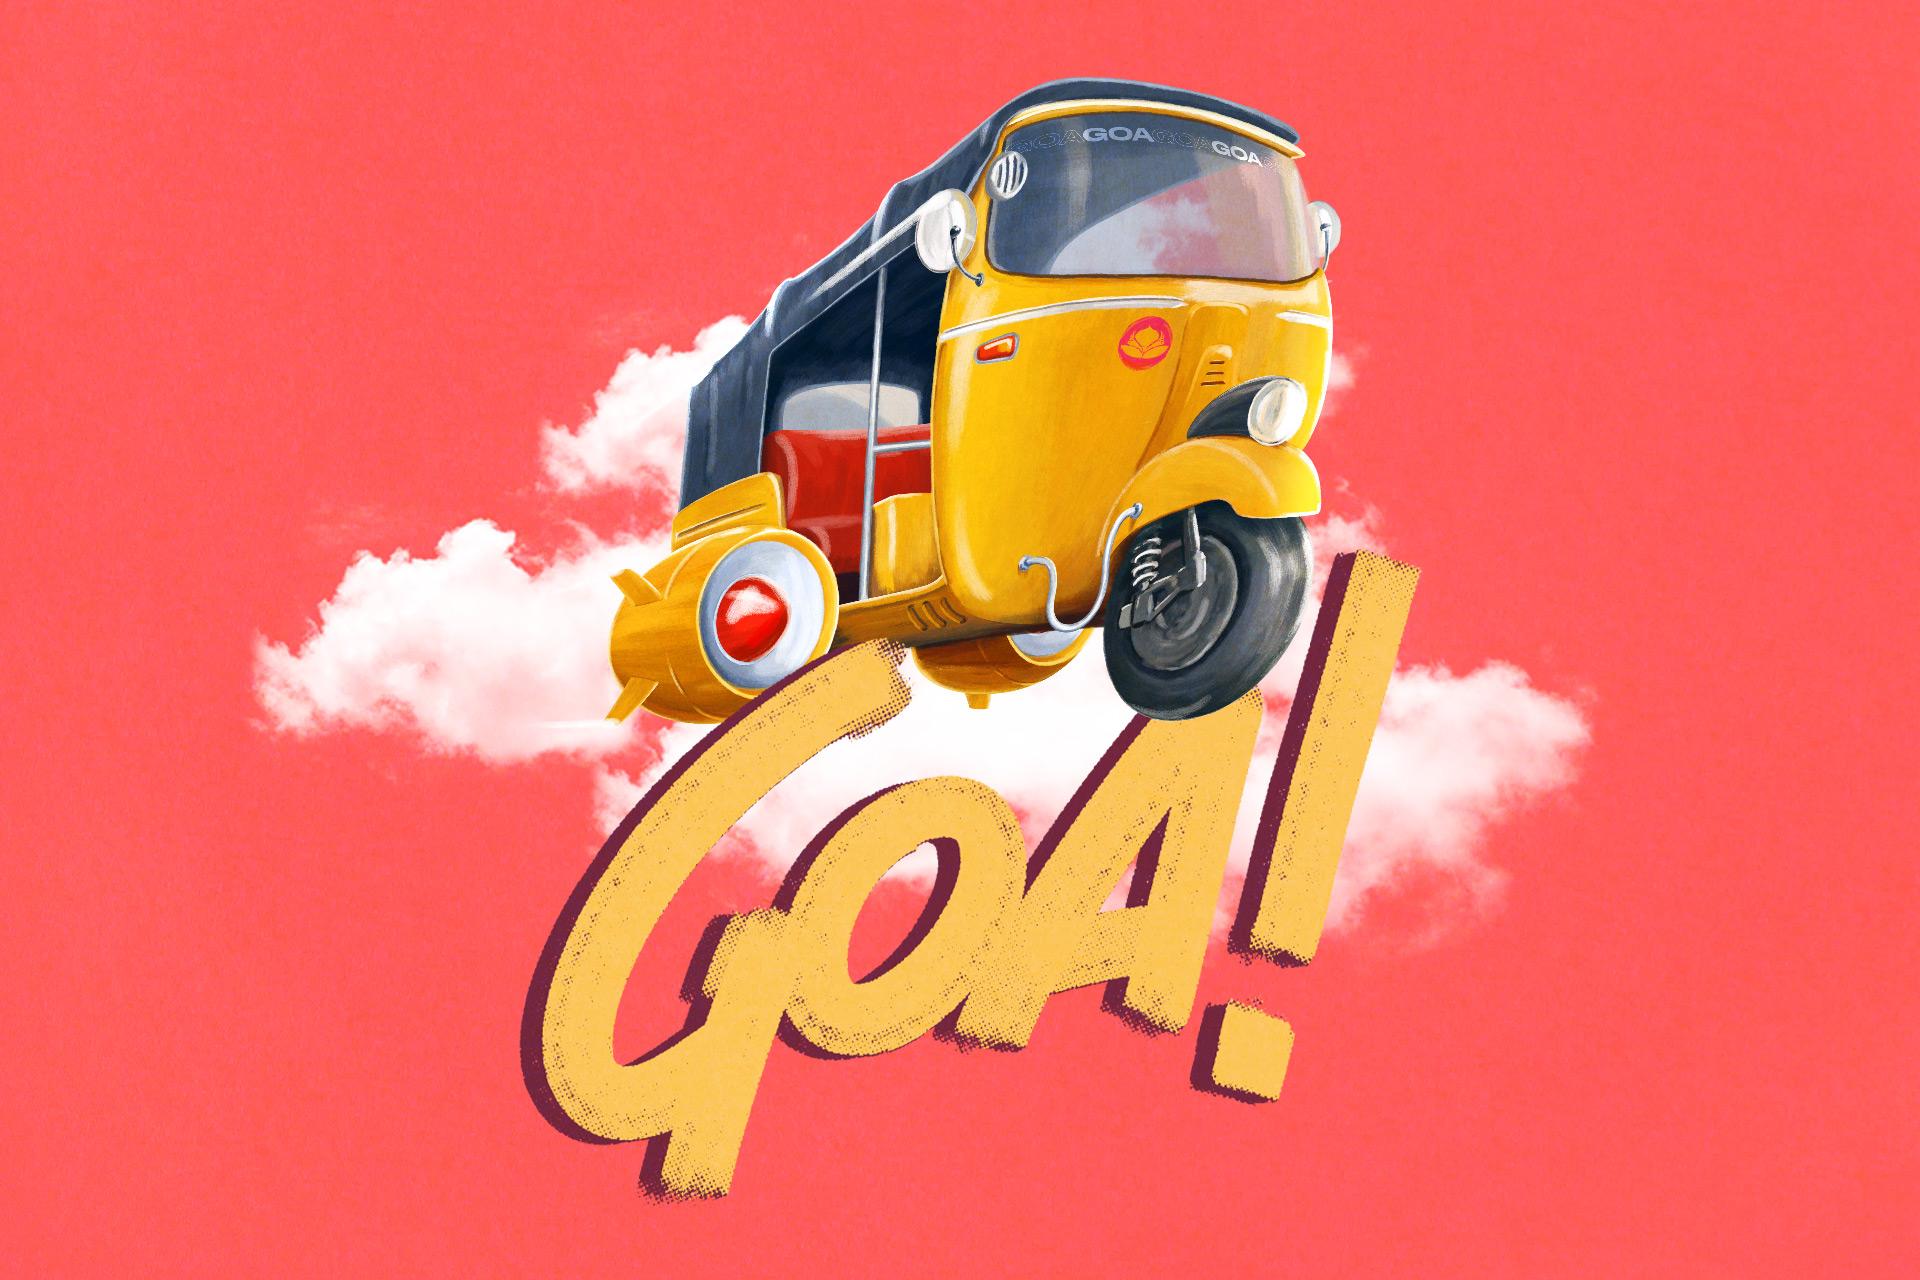 GOA-002-1